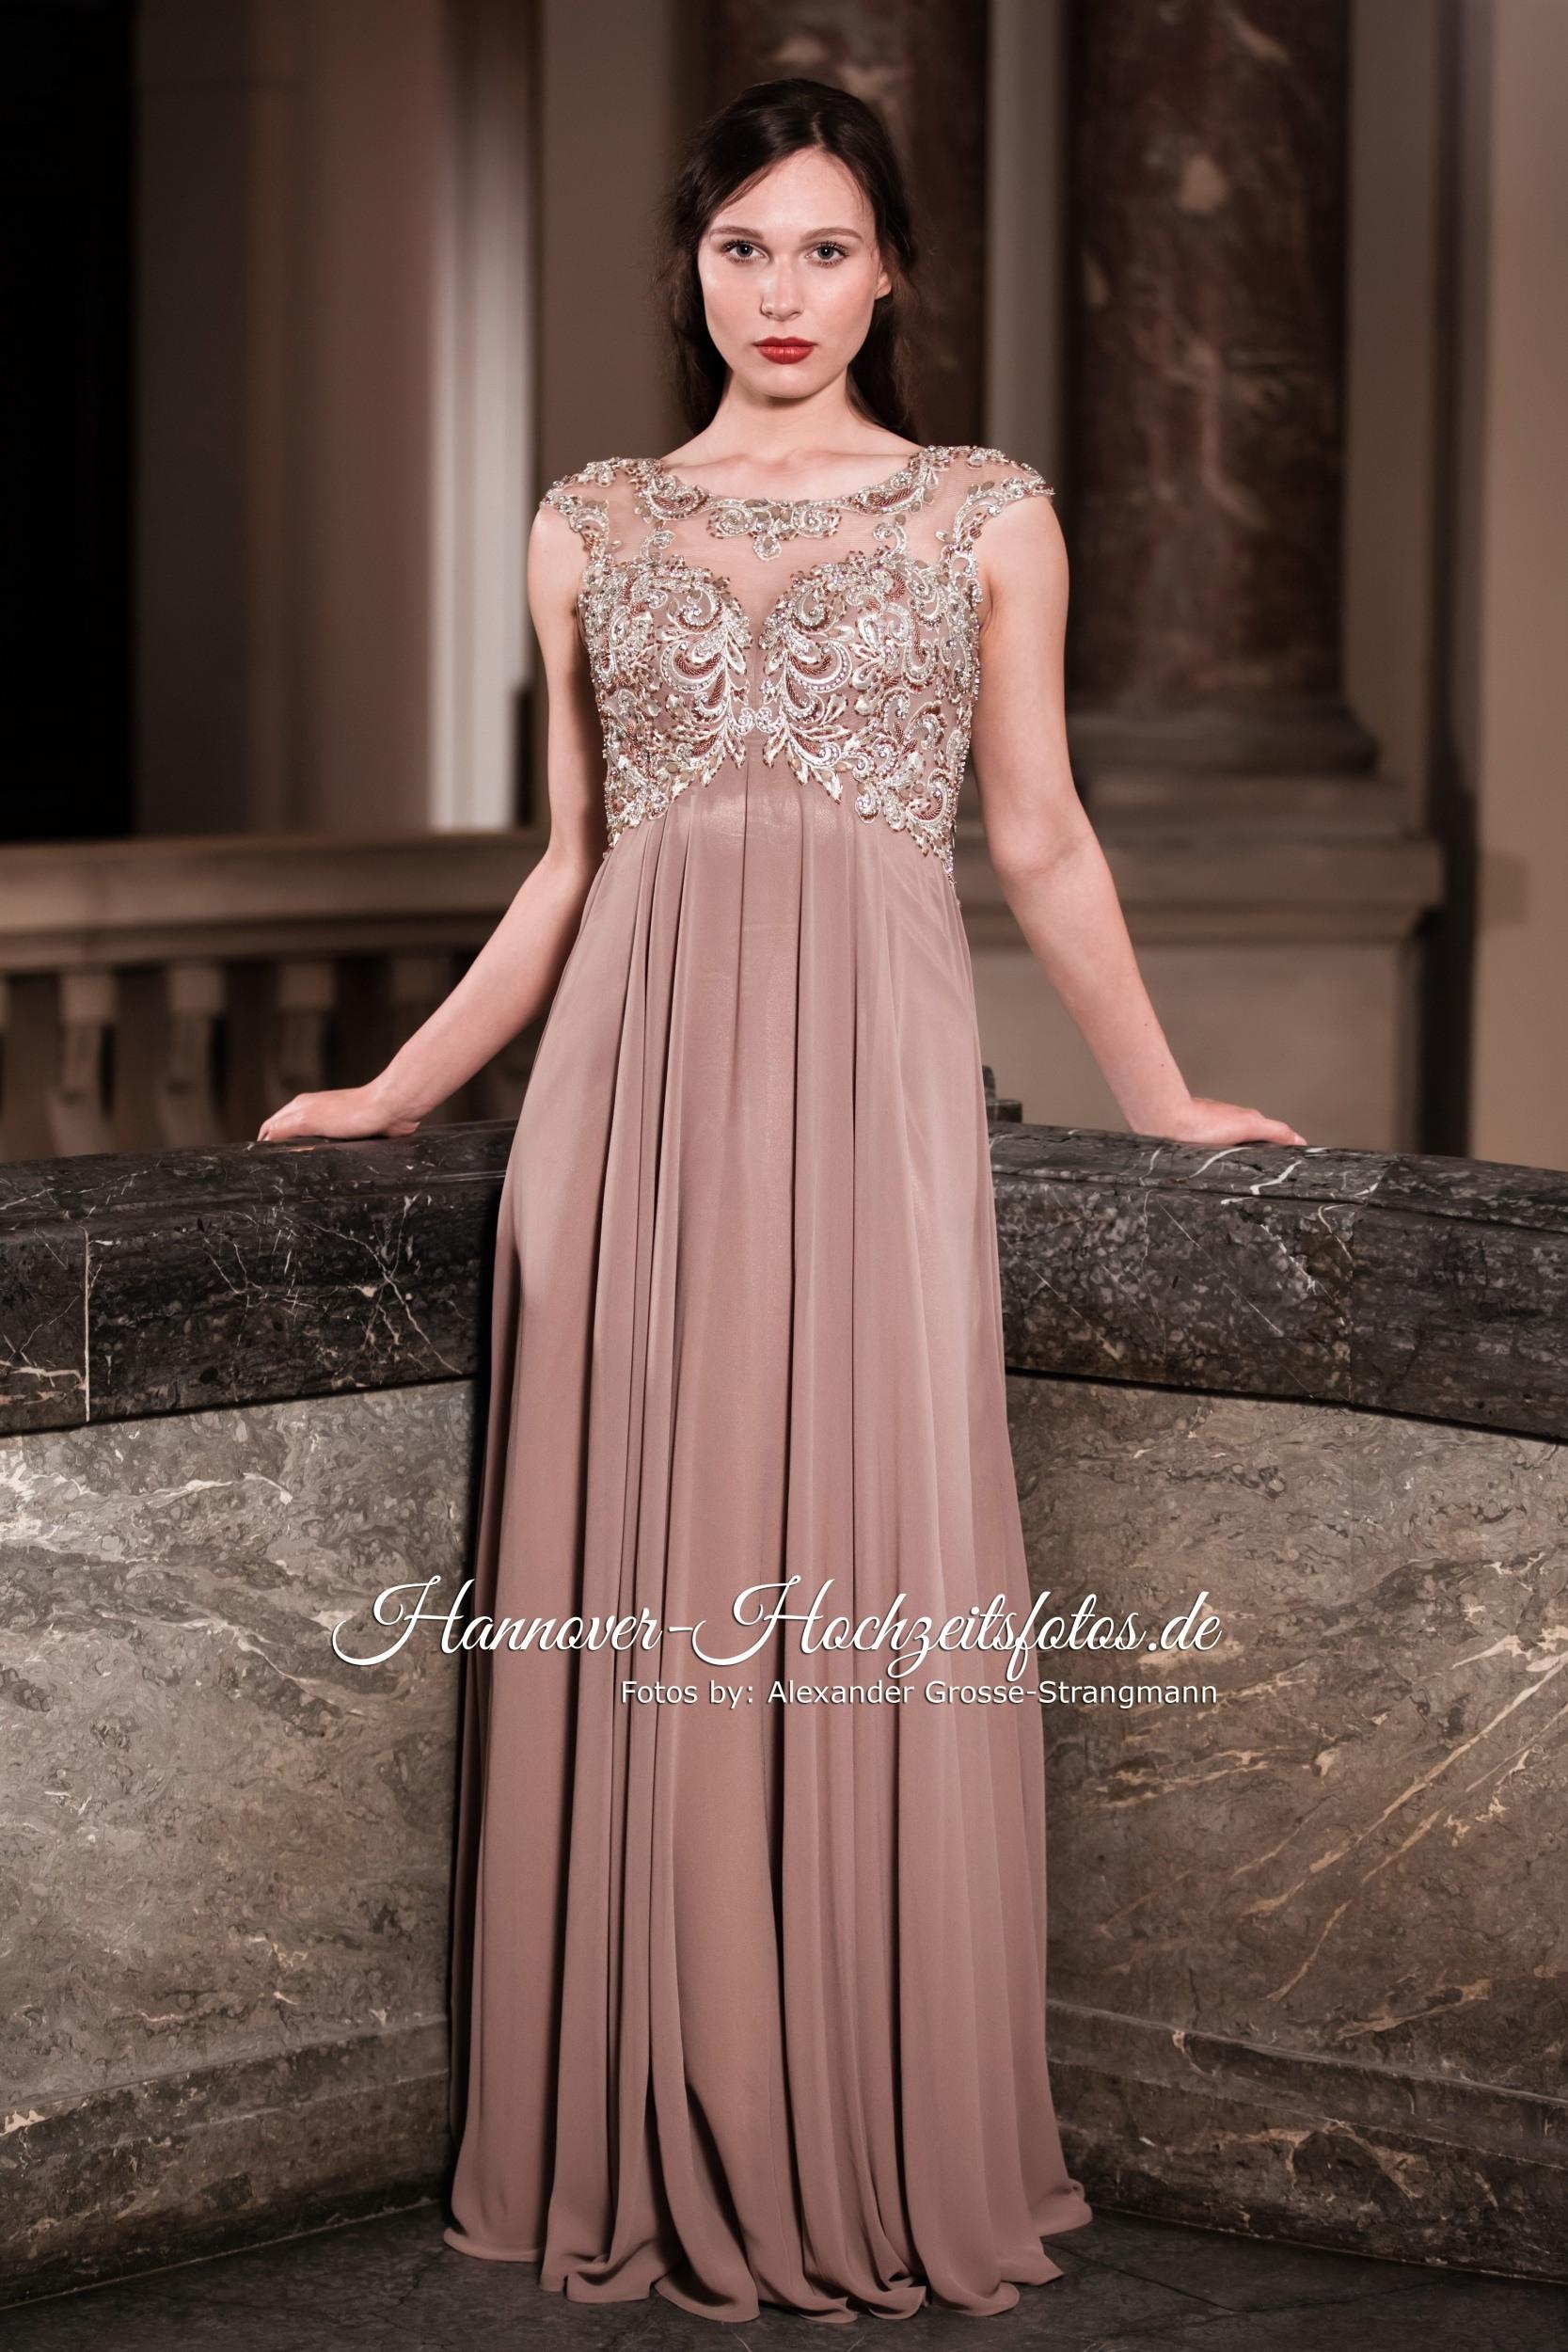 Formal Genial Abend Kleider Hannover Design13 Großartig Abend Kleider Hannover Bester Preis